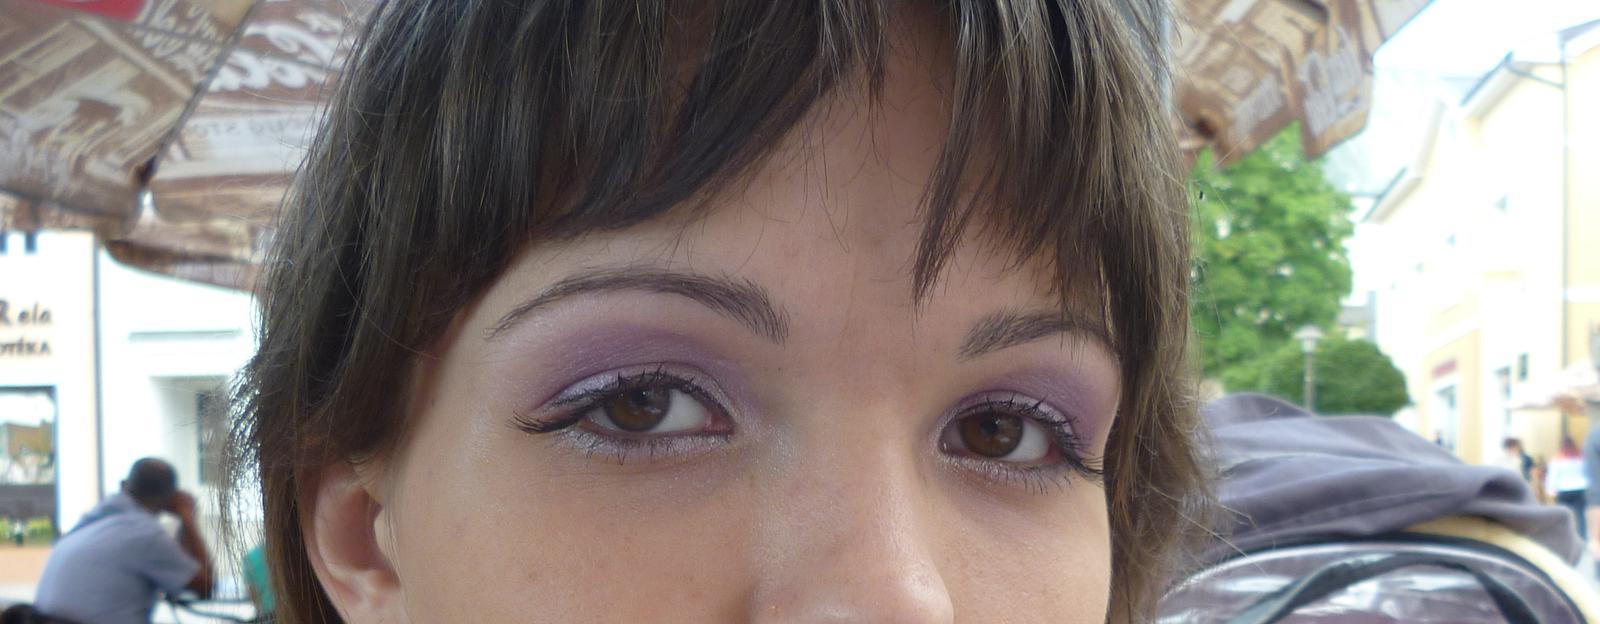 Aj my sa musíme pripraviť na náš veľký deň - NAŠE PRÍPRAVY :-) - Na konci očí mám nalepené aj trsy rias :-)